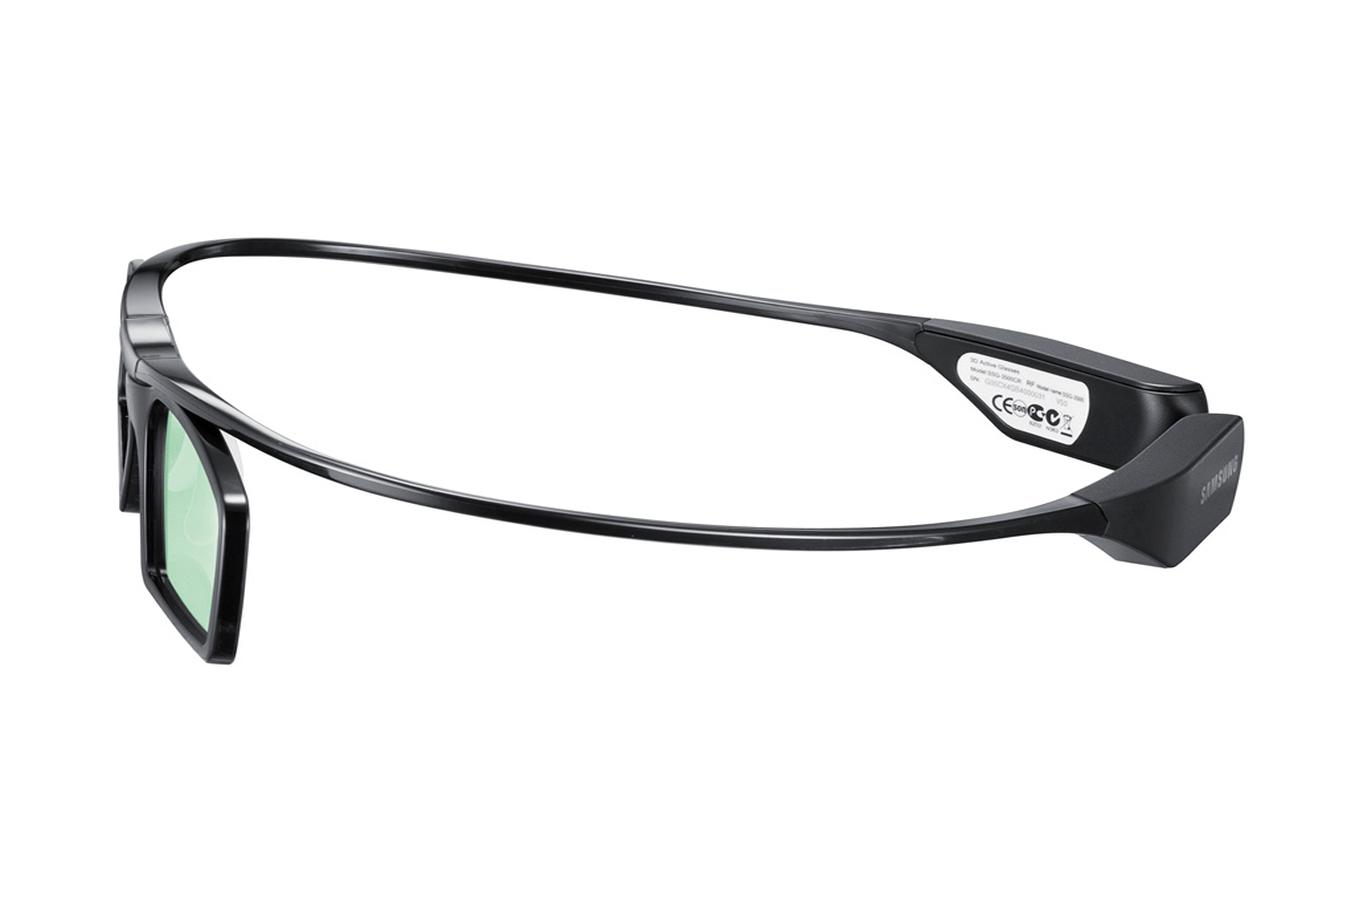 lunettes 3d samsung 3570cr 1378945 darty. Black Bedroom Furniture Sets. Home Design Ideas